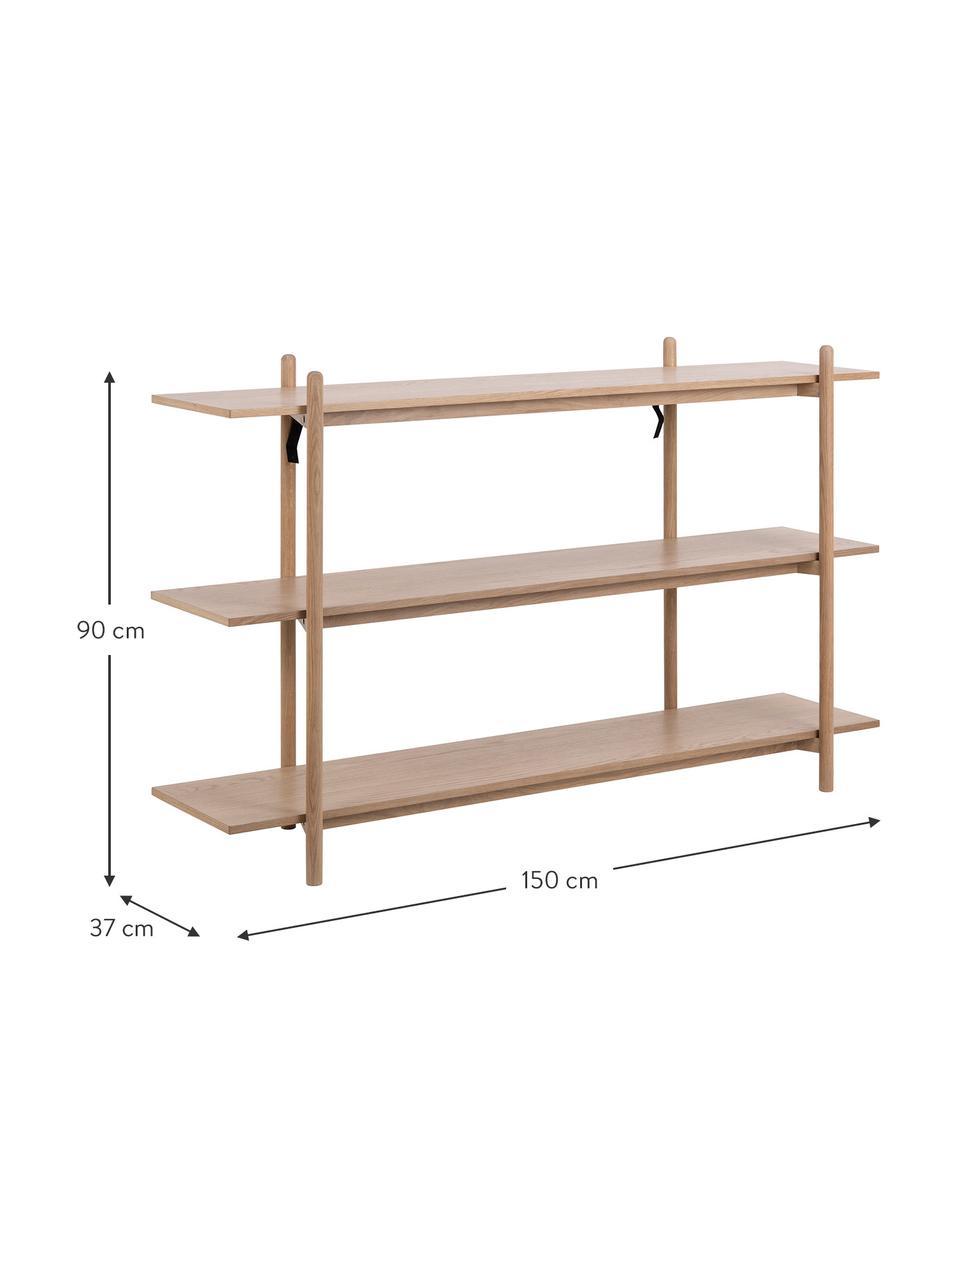 Regal Asbaek aus Holz mit 3 Ablageflächen, Mitteldichte Holzfaserplatte (MDF) mit Eichenholzfurnier, Braun, 150 x 90 cm